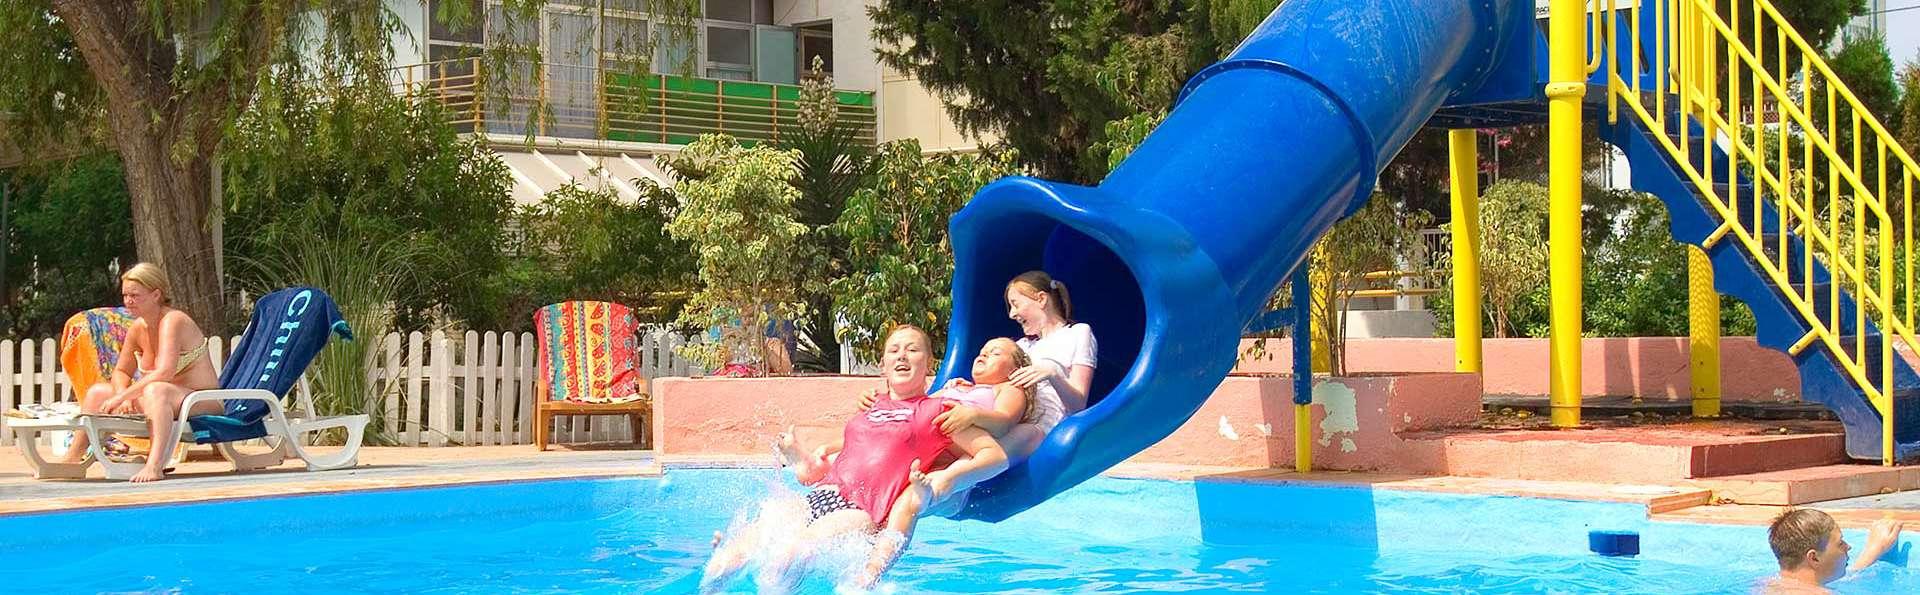 Últimos días de verano bajo el sol de Benidorm con todo incluido